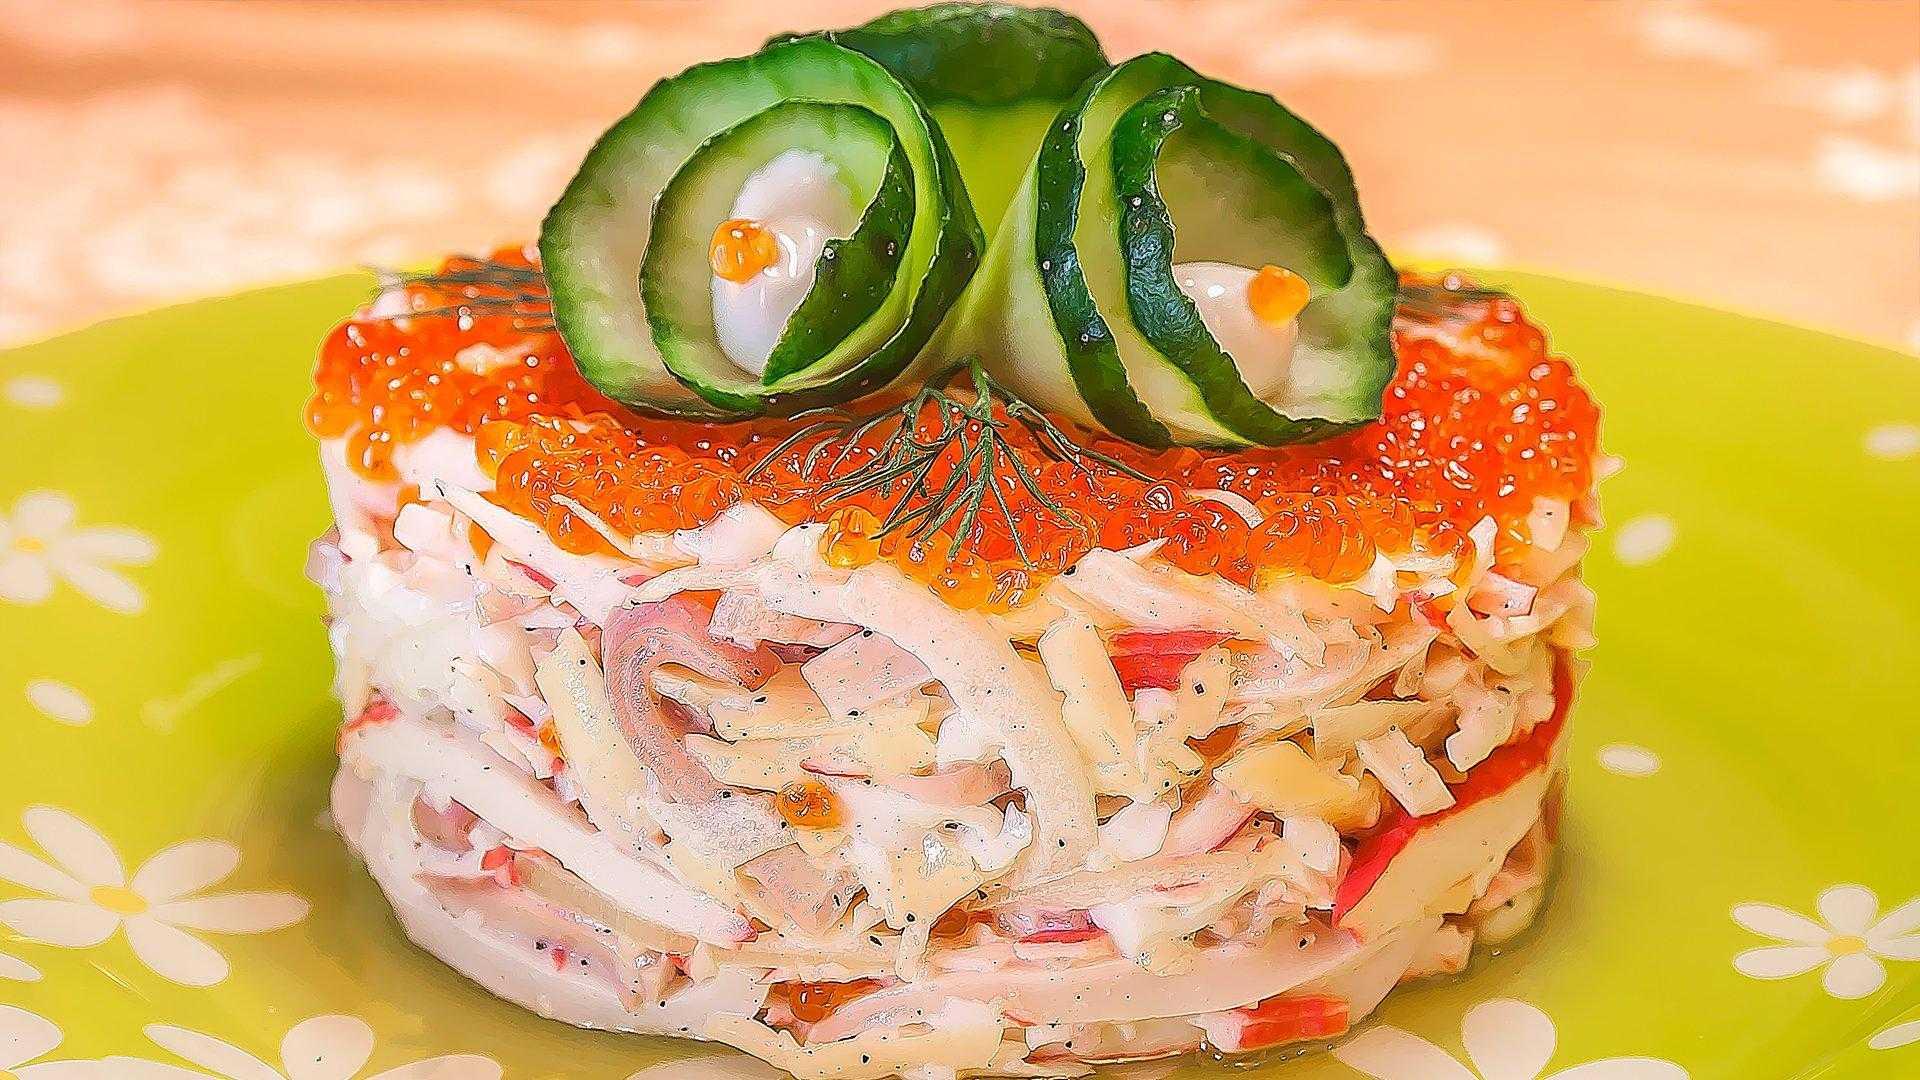 Рецепт супа Морской бриз с кальмарами: список ингредиентов, фото